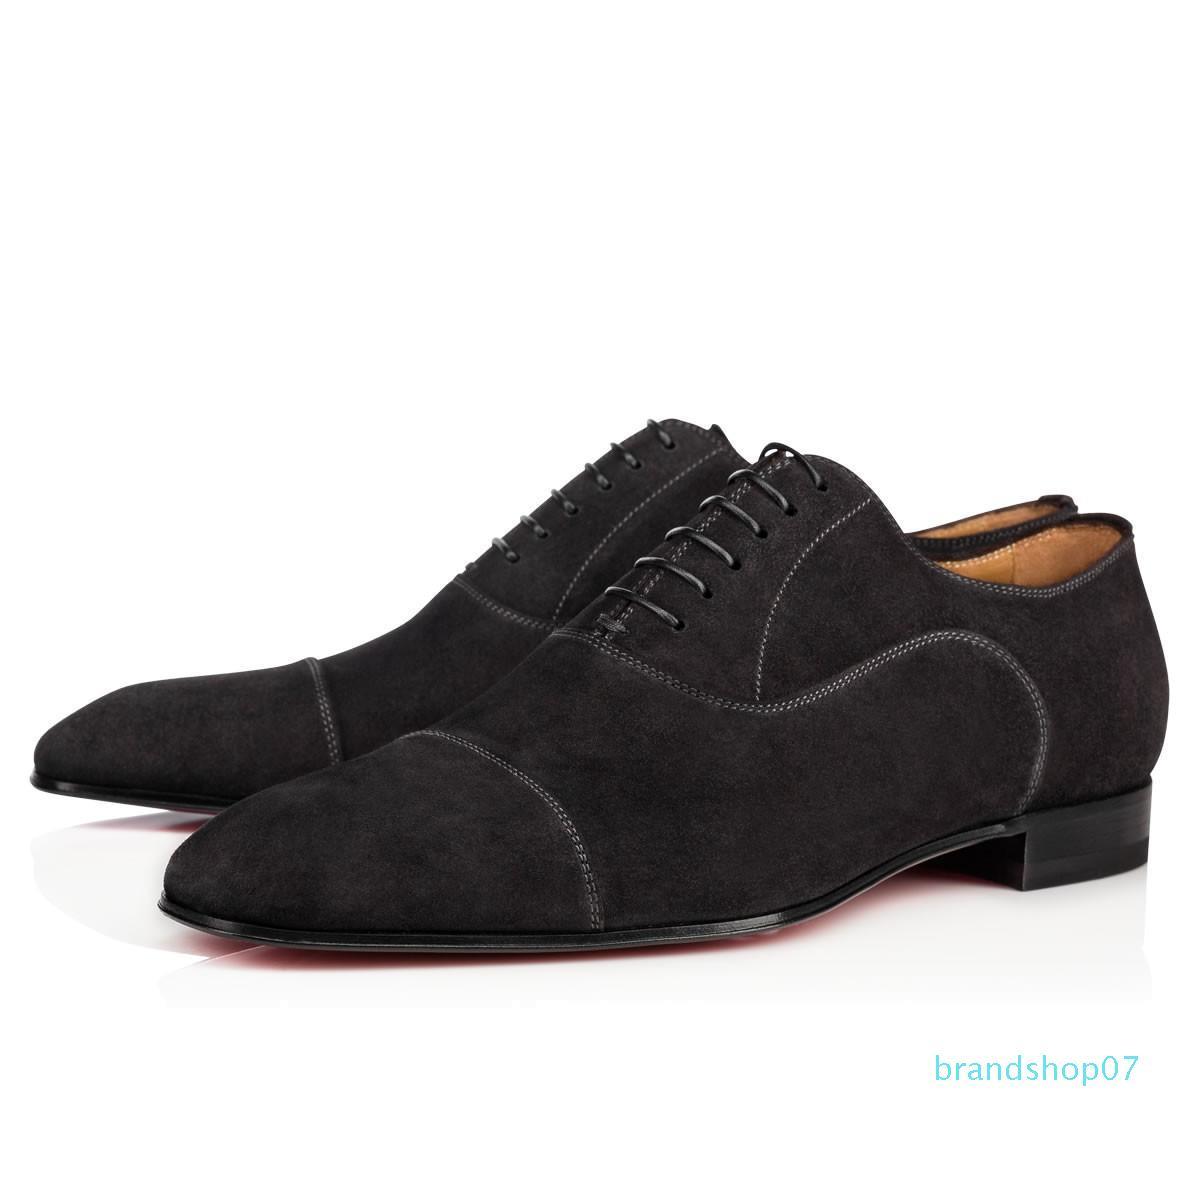 Qualitäts-Business-Gentleman-Turnschuh-rote Unterseite Greggo Orlato Wohnungen der Männer, Frauen Gehen Hochzeit Kleid Designer rote Sohle Schuhe